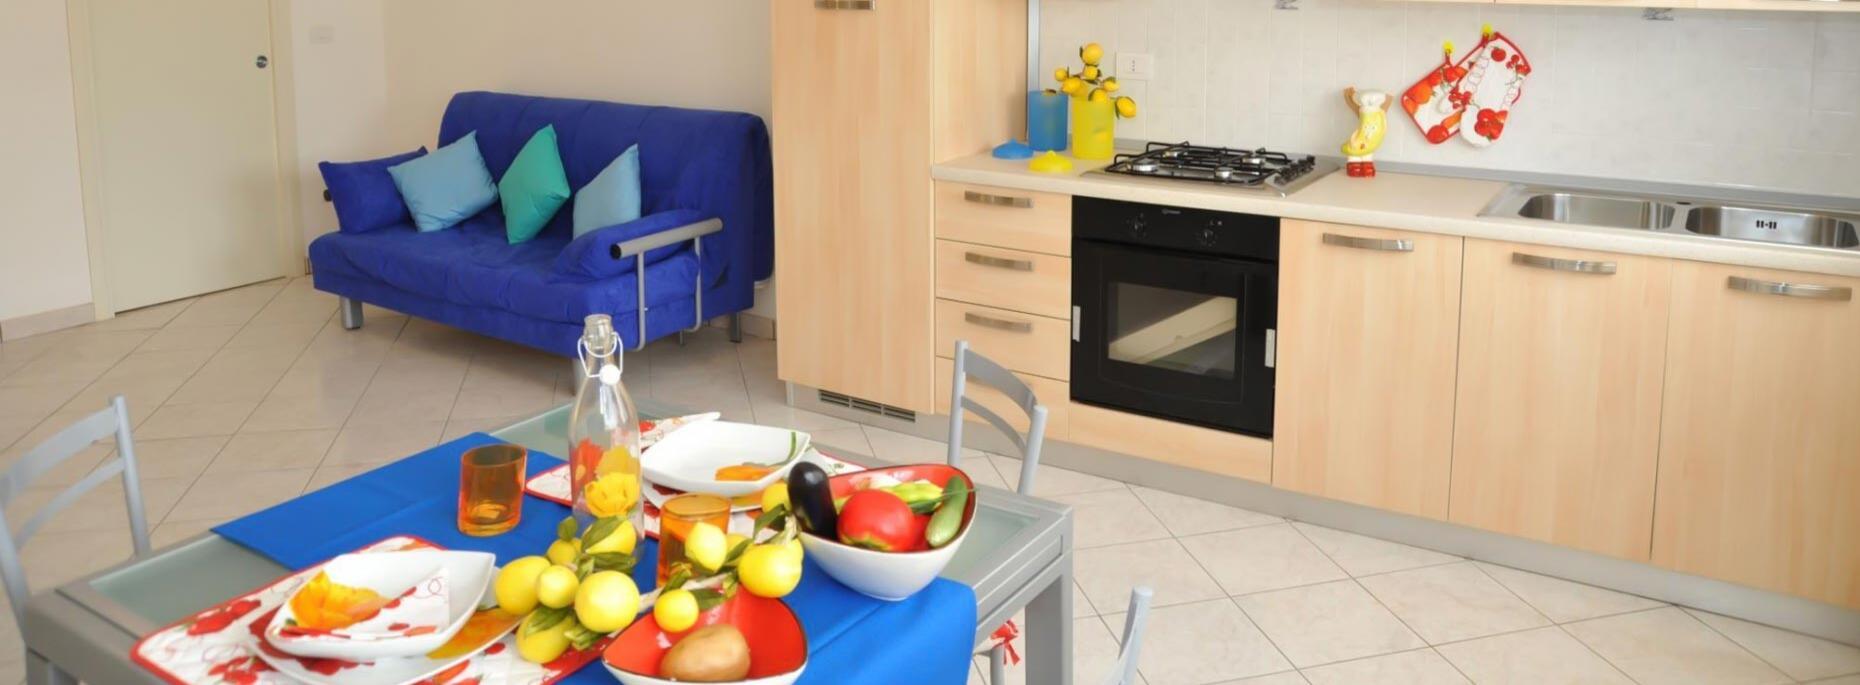 playadoradaresidence it appartamenti-panorama 004